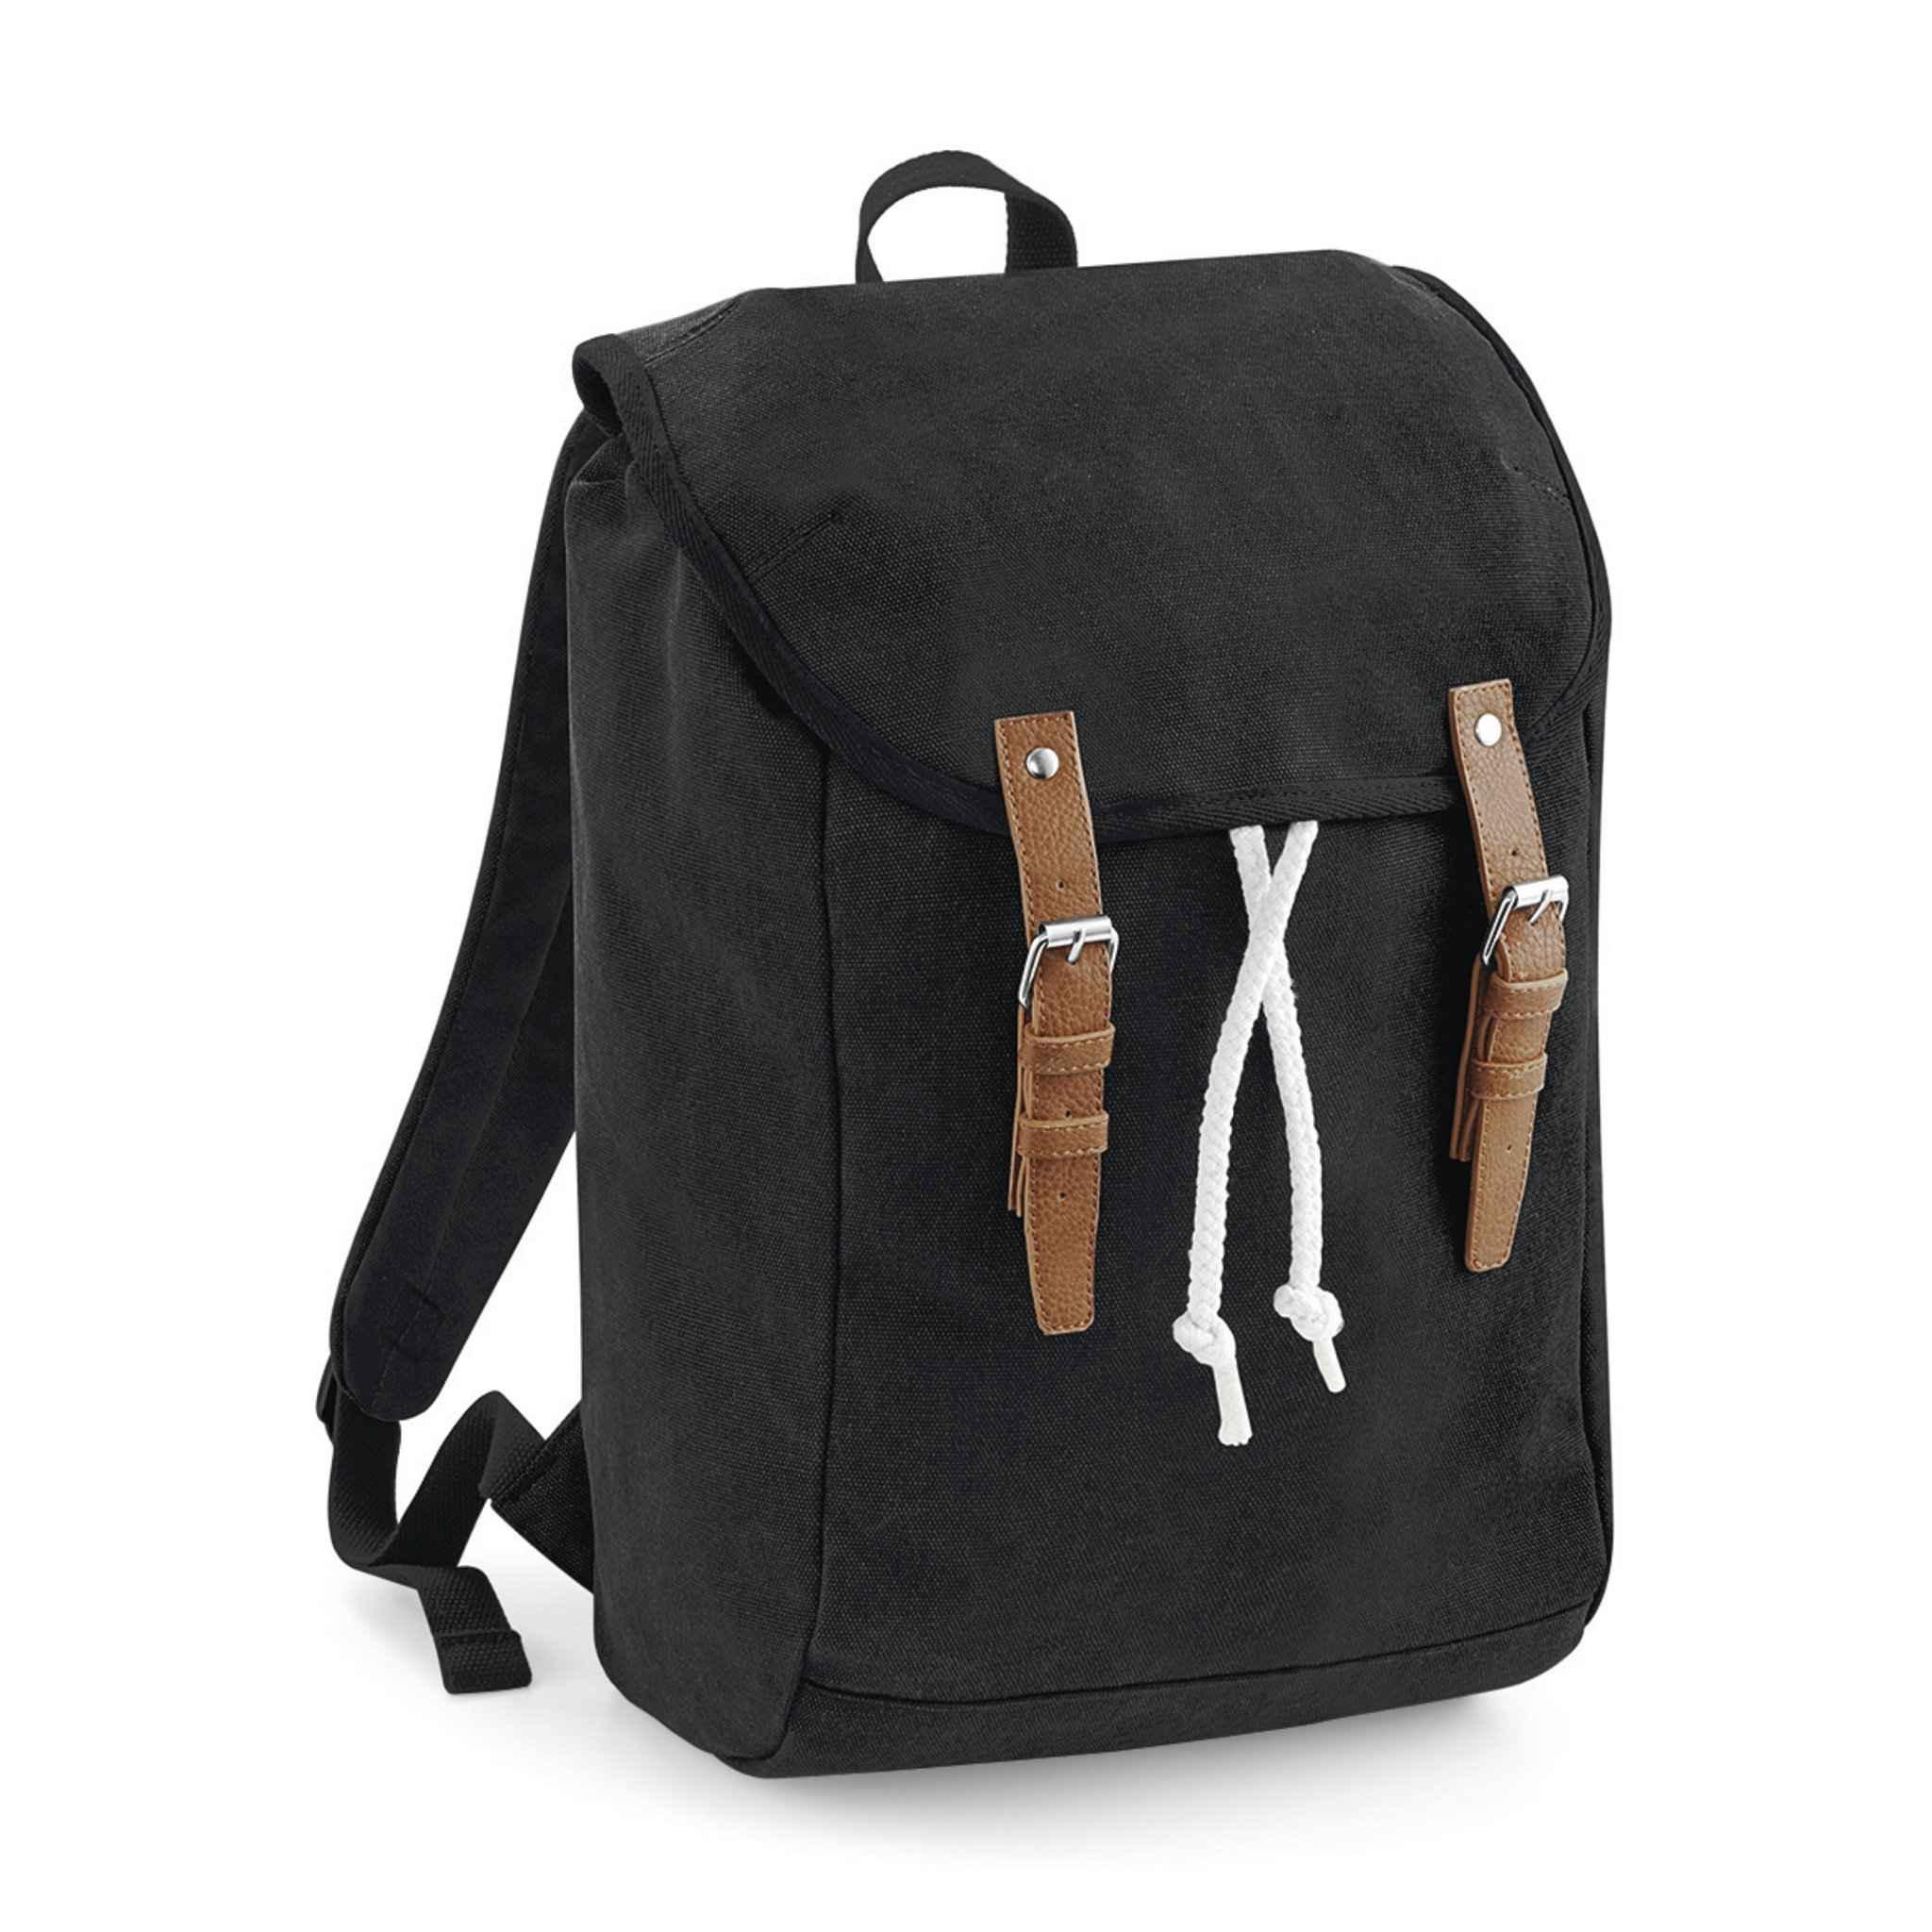 Sac à dos promotionnel Rucksack Vintage - sac à dos publicitaire